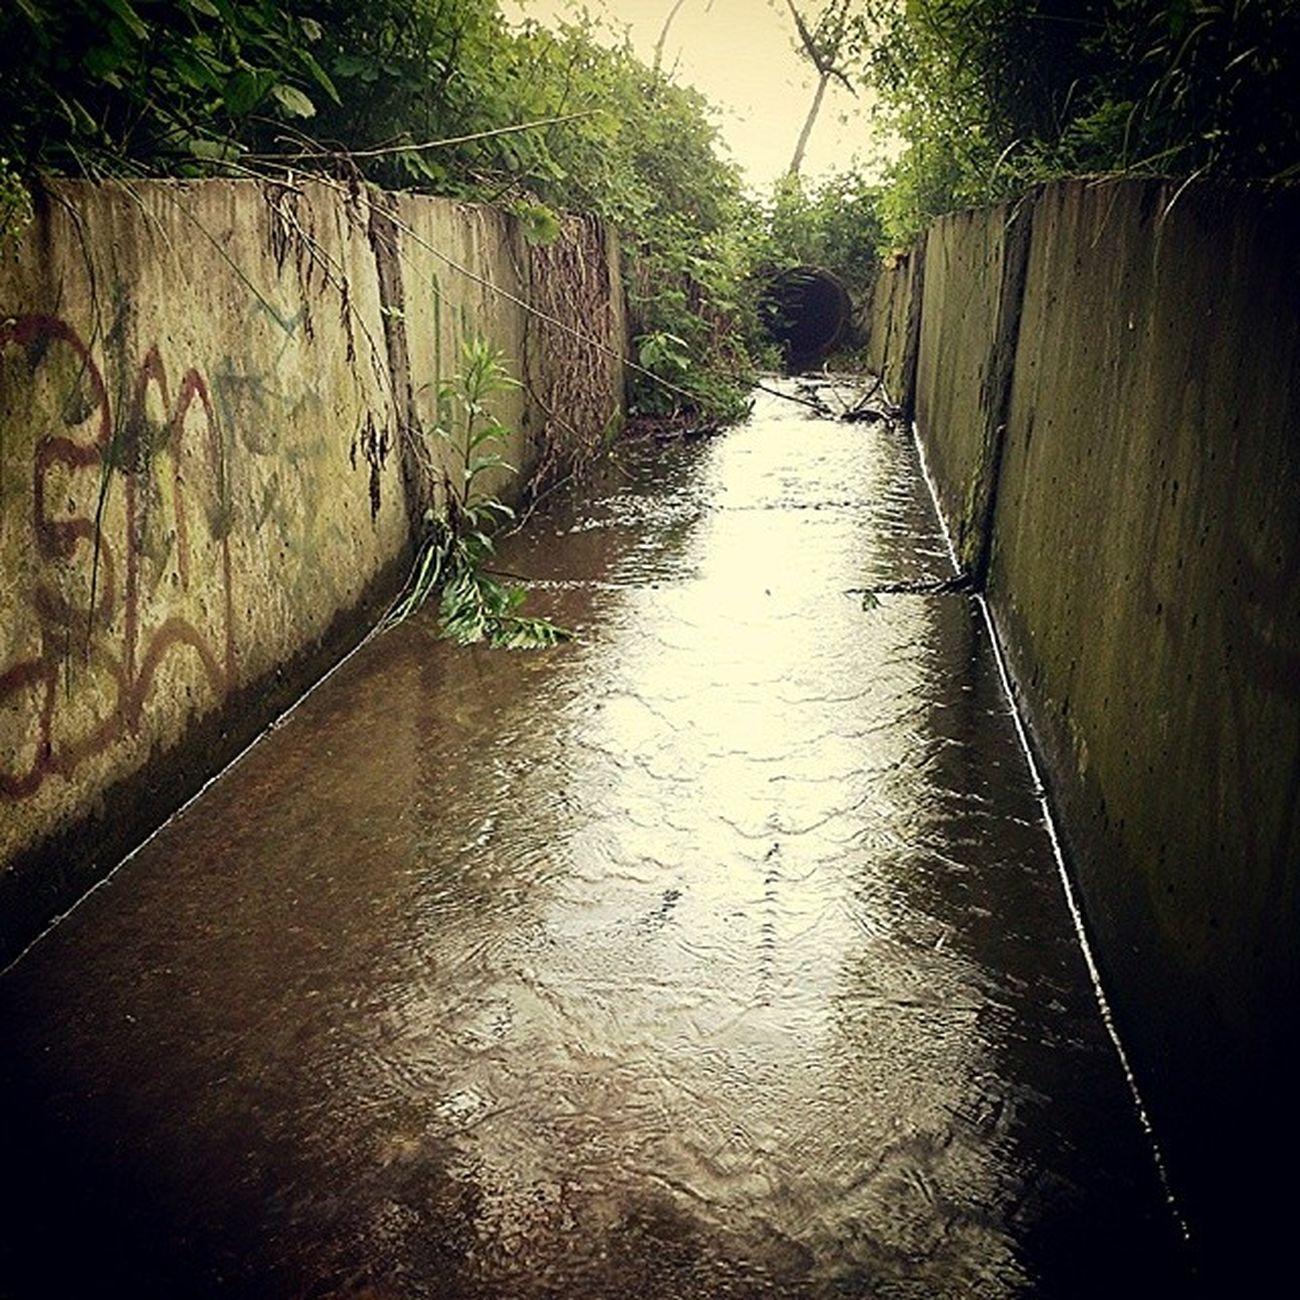 В раскоряку сырец Дождь Syrets Rain